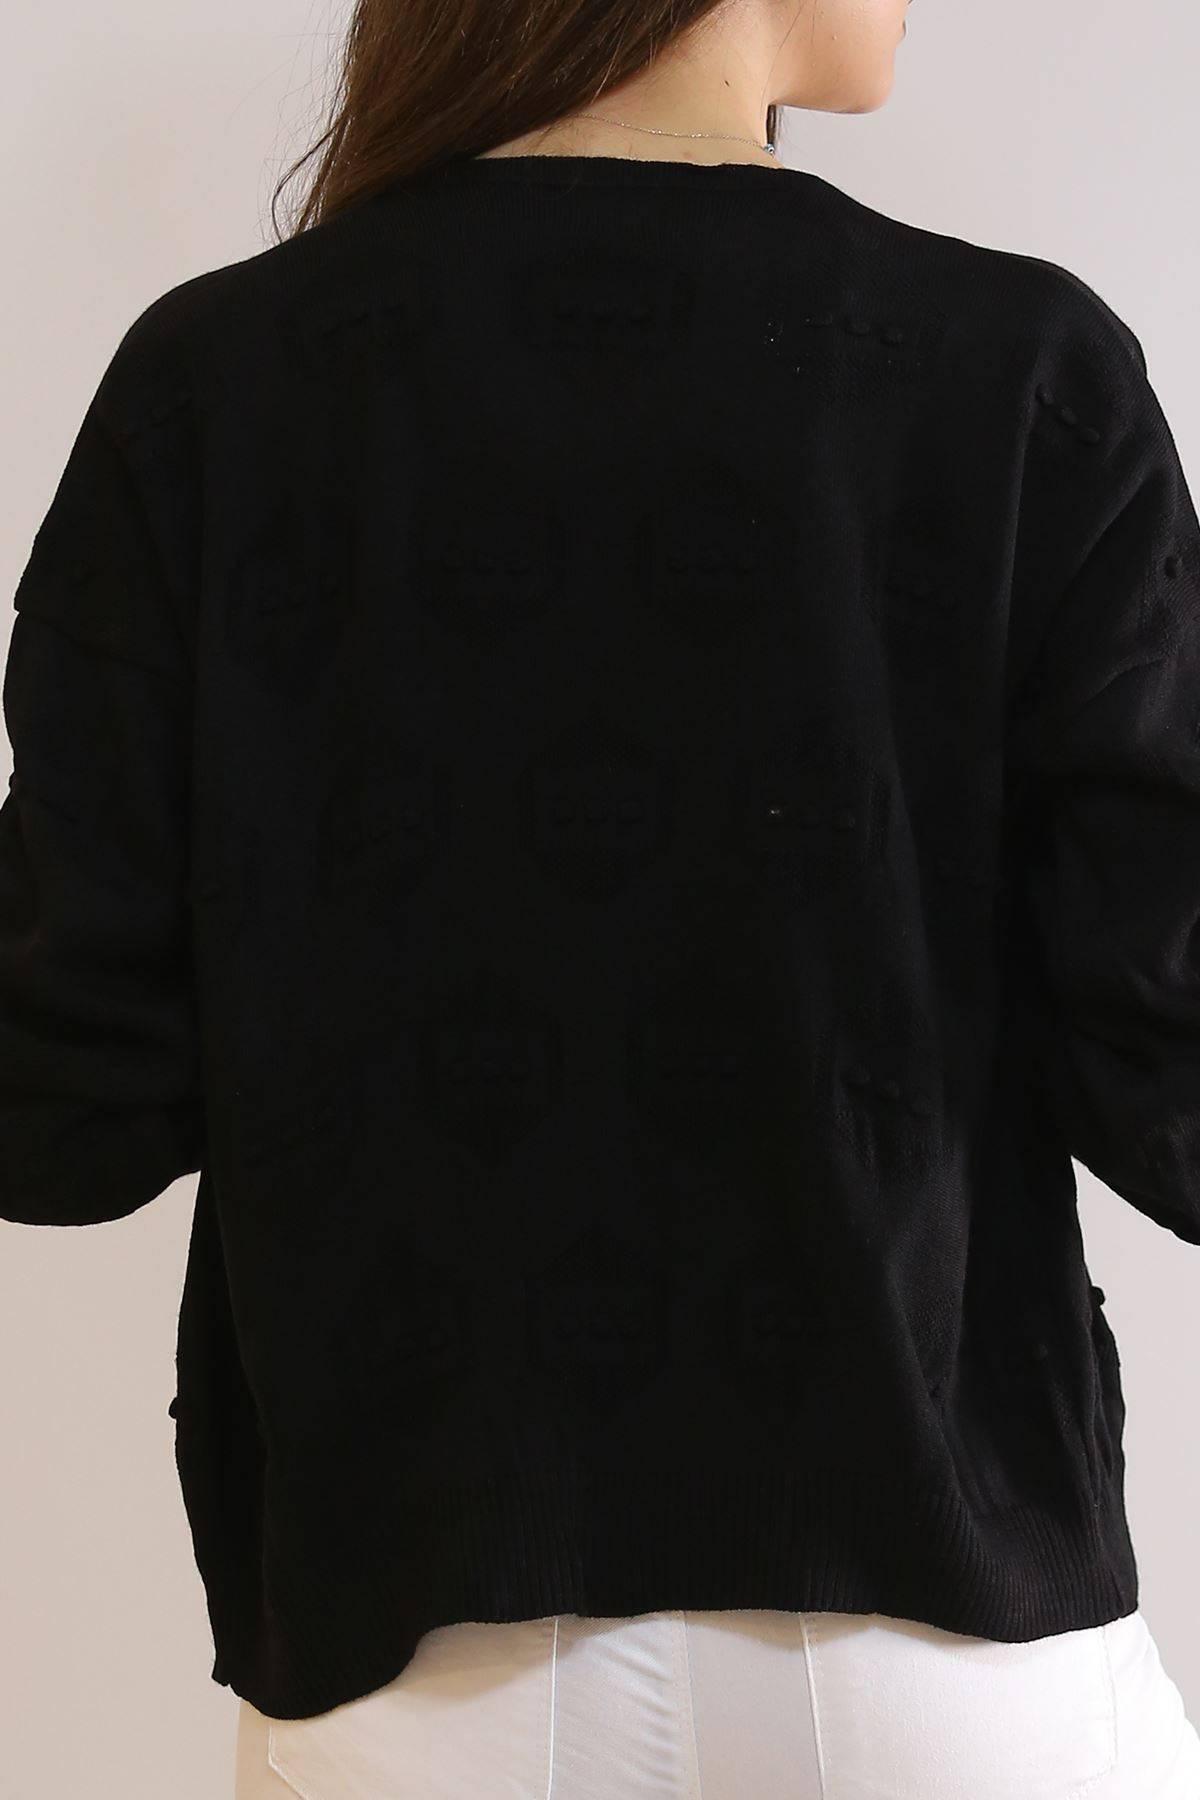 Kısa Ponponlu Triko Siyah - 9909.109.